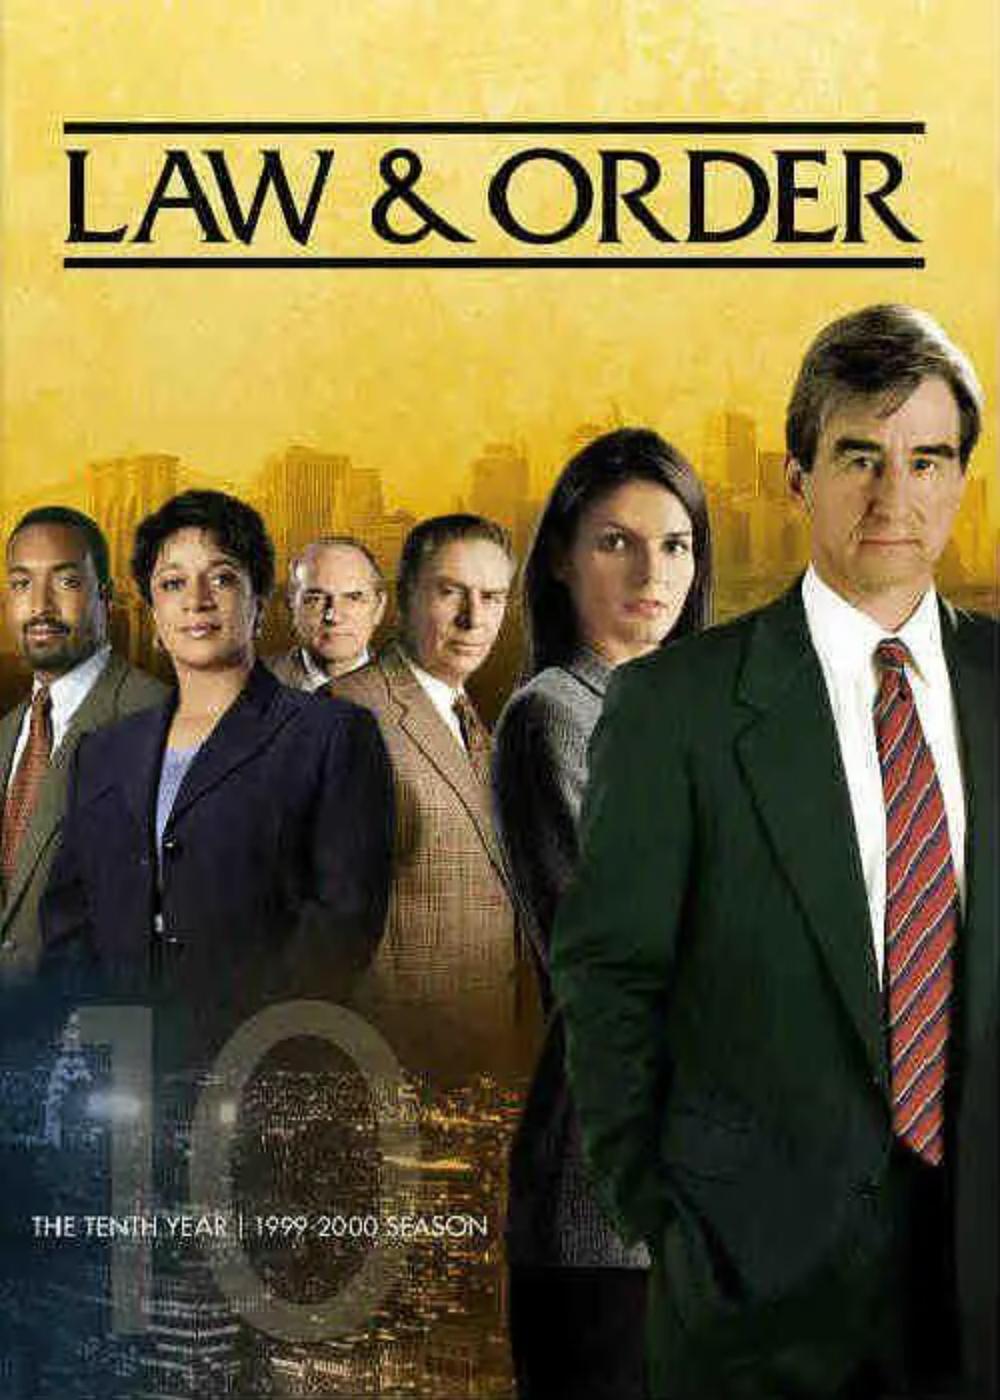 法律与秩序第十季(欧美剧)